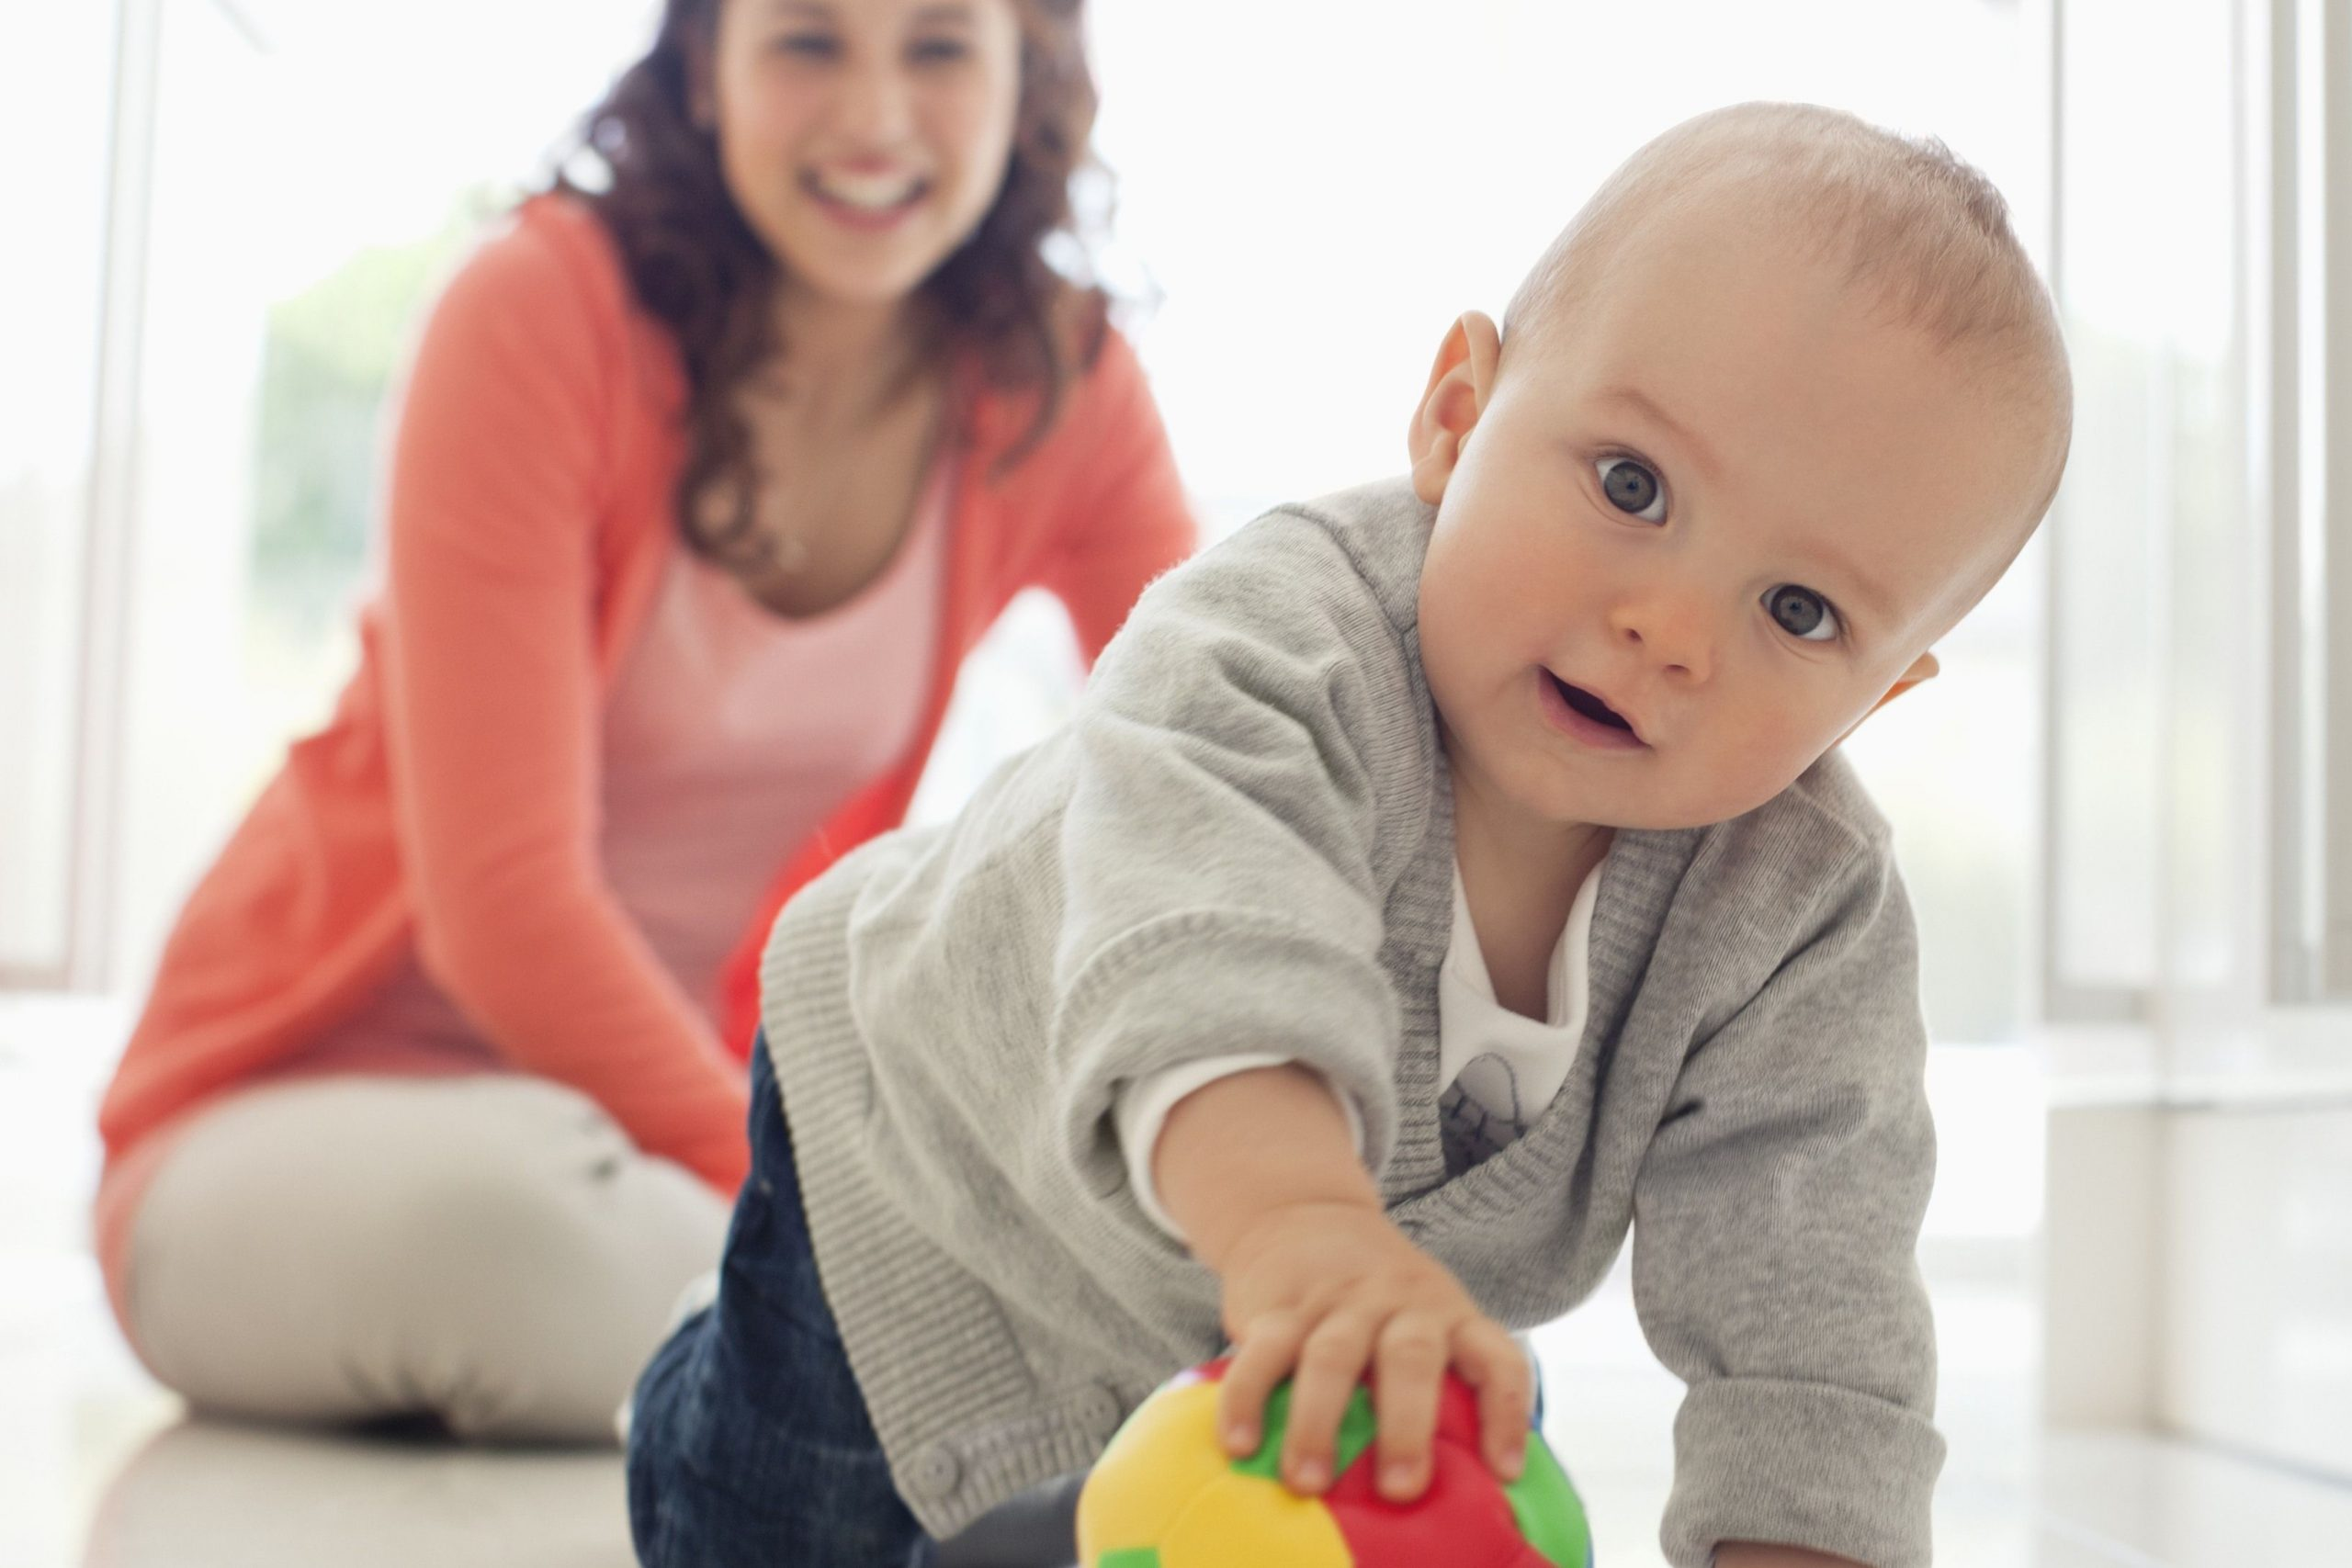 Bébé A 9 Mois : Développement, Motricité, Éveil, Santé serapportantà Jeux Pour Les Bébé De 1 Ans